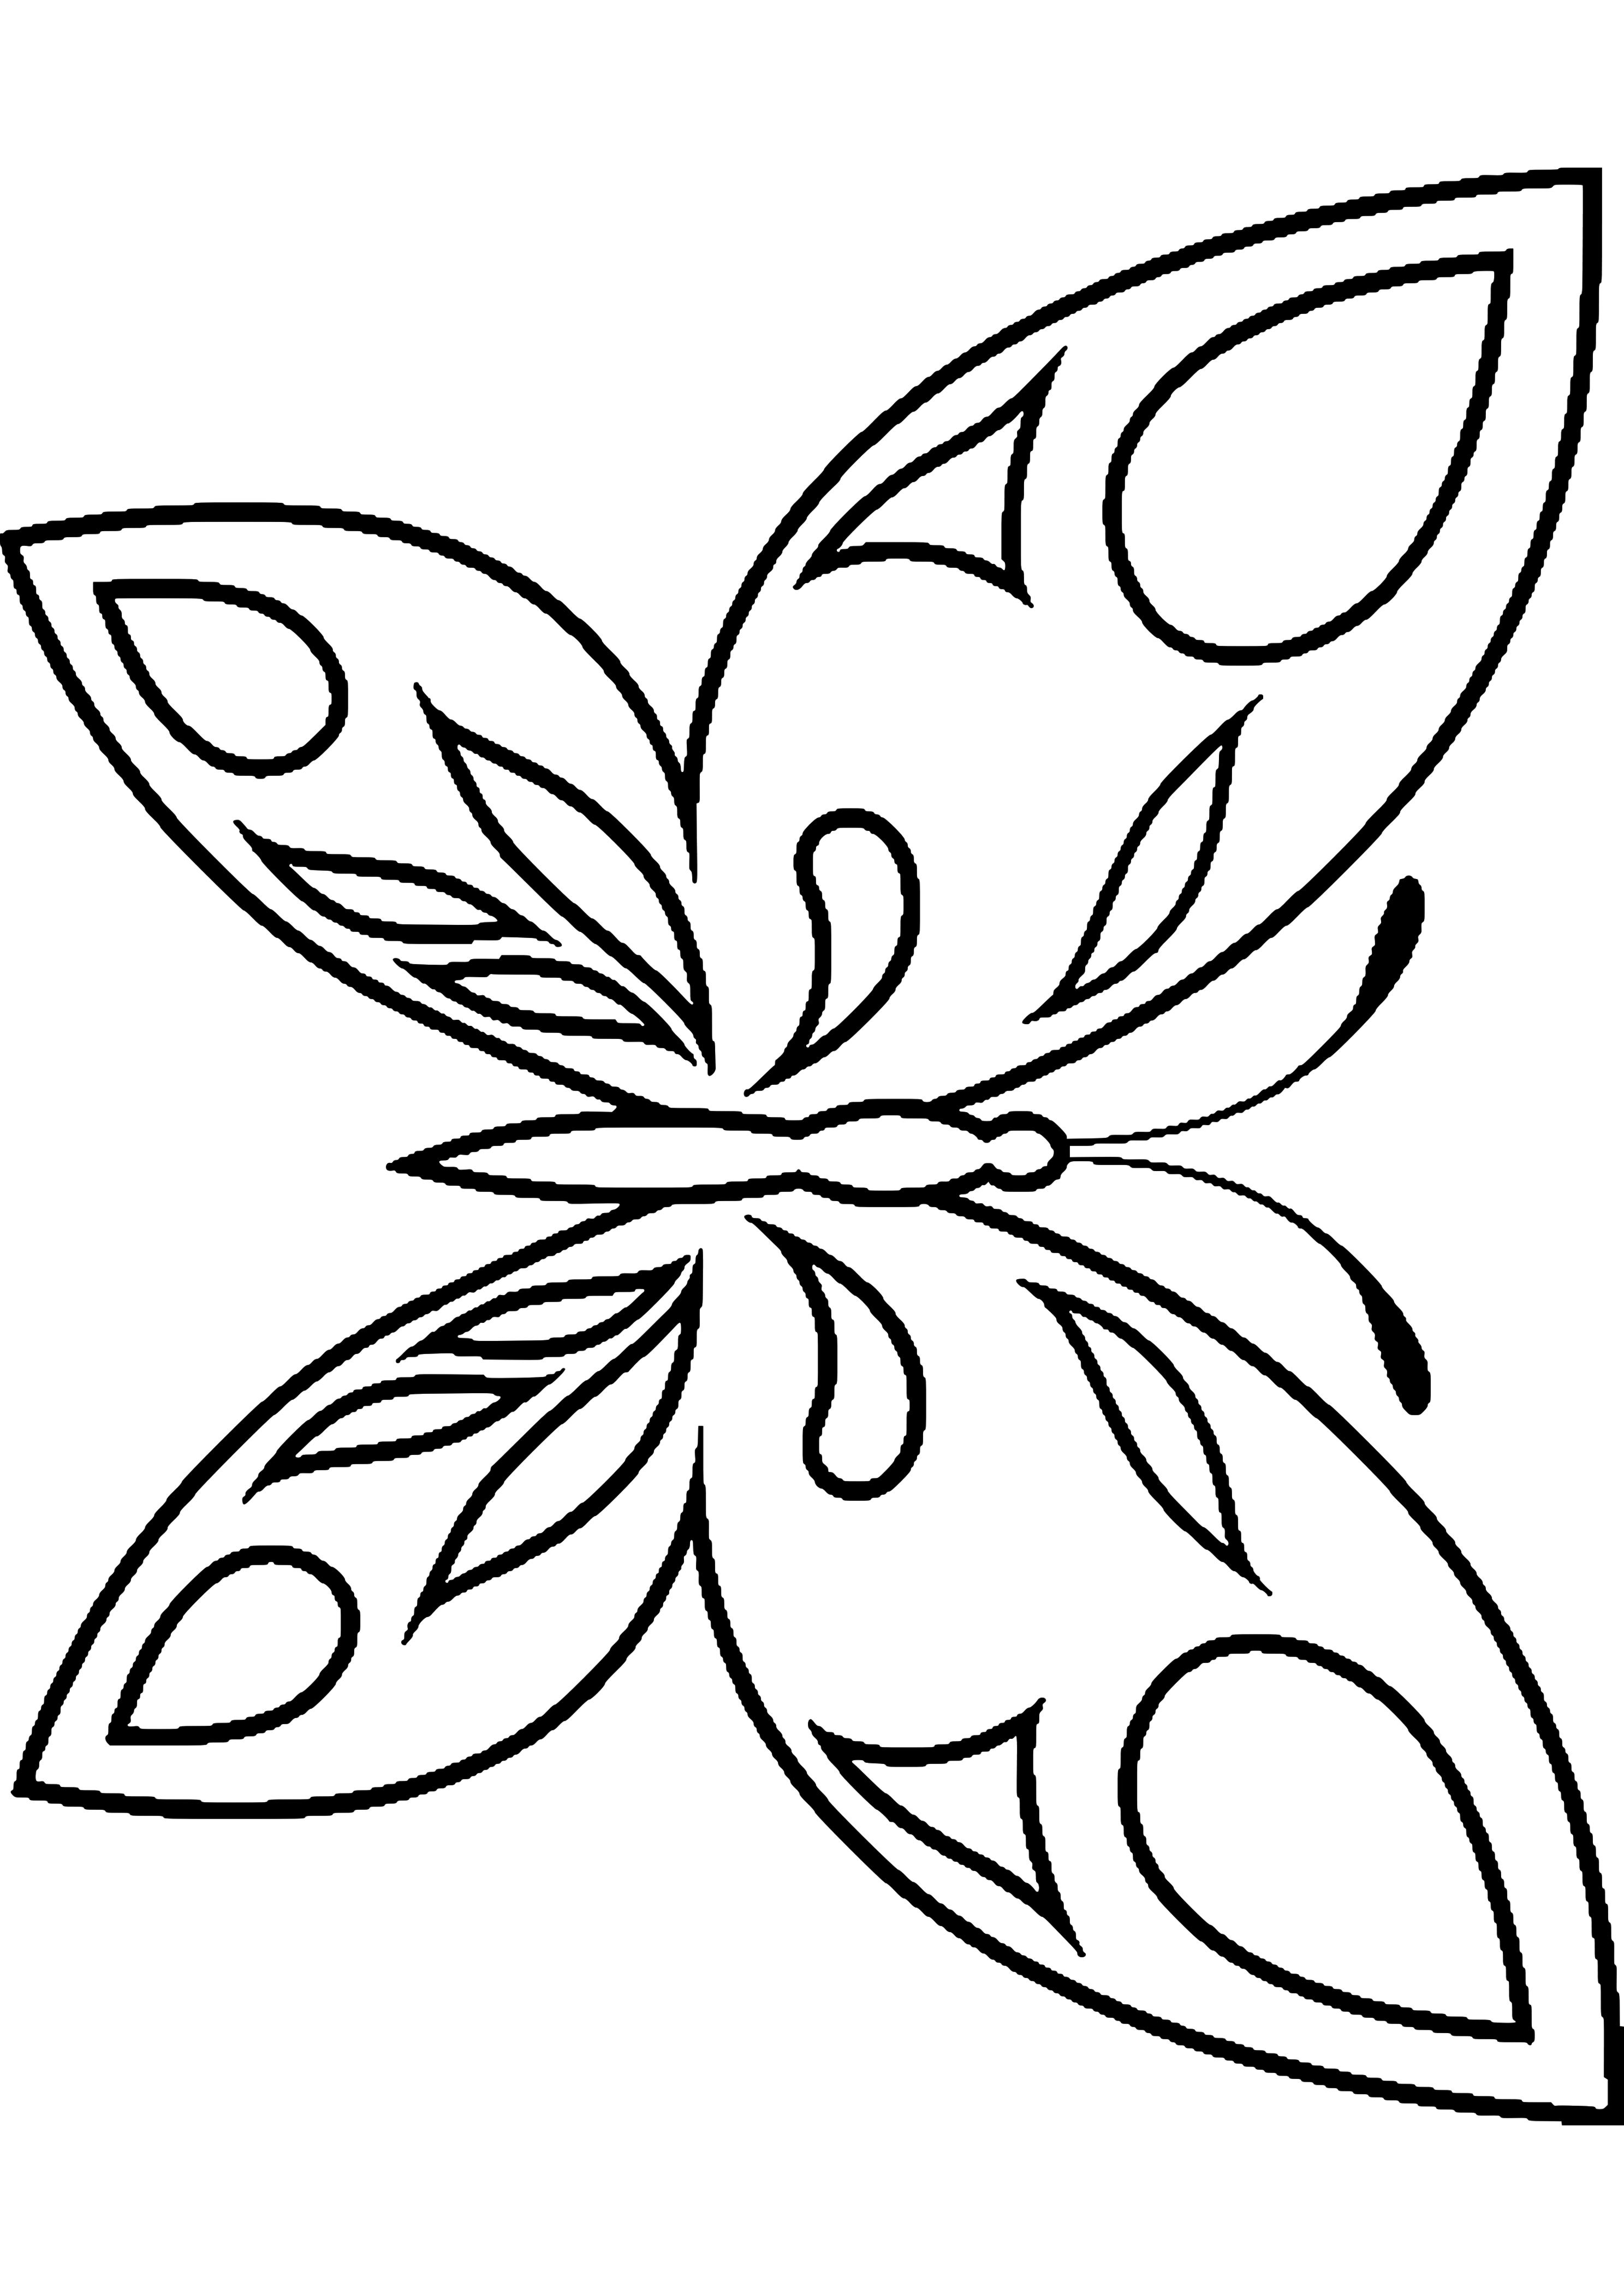 ausmalbilder schmetterling vorlagen #Schmetterling fensterdeko in